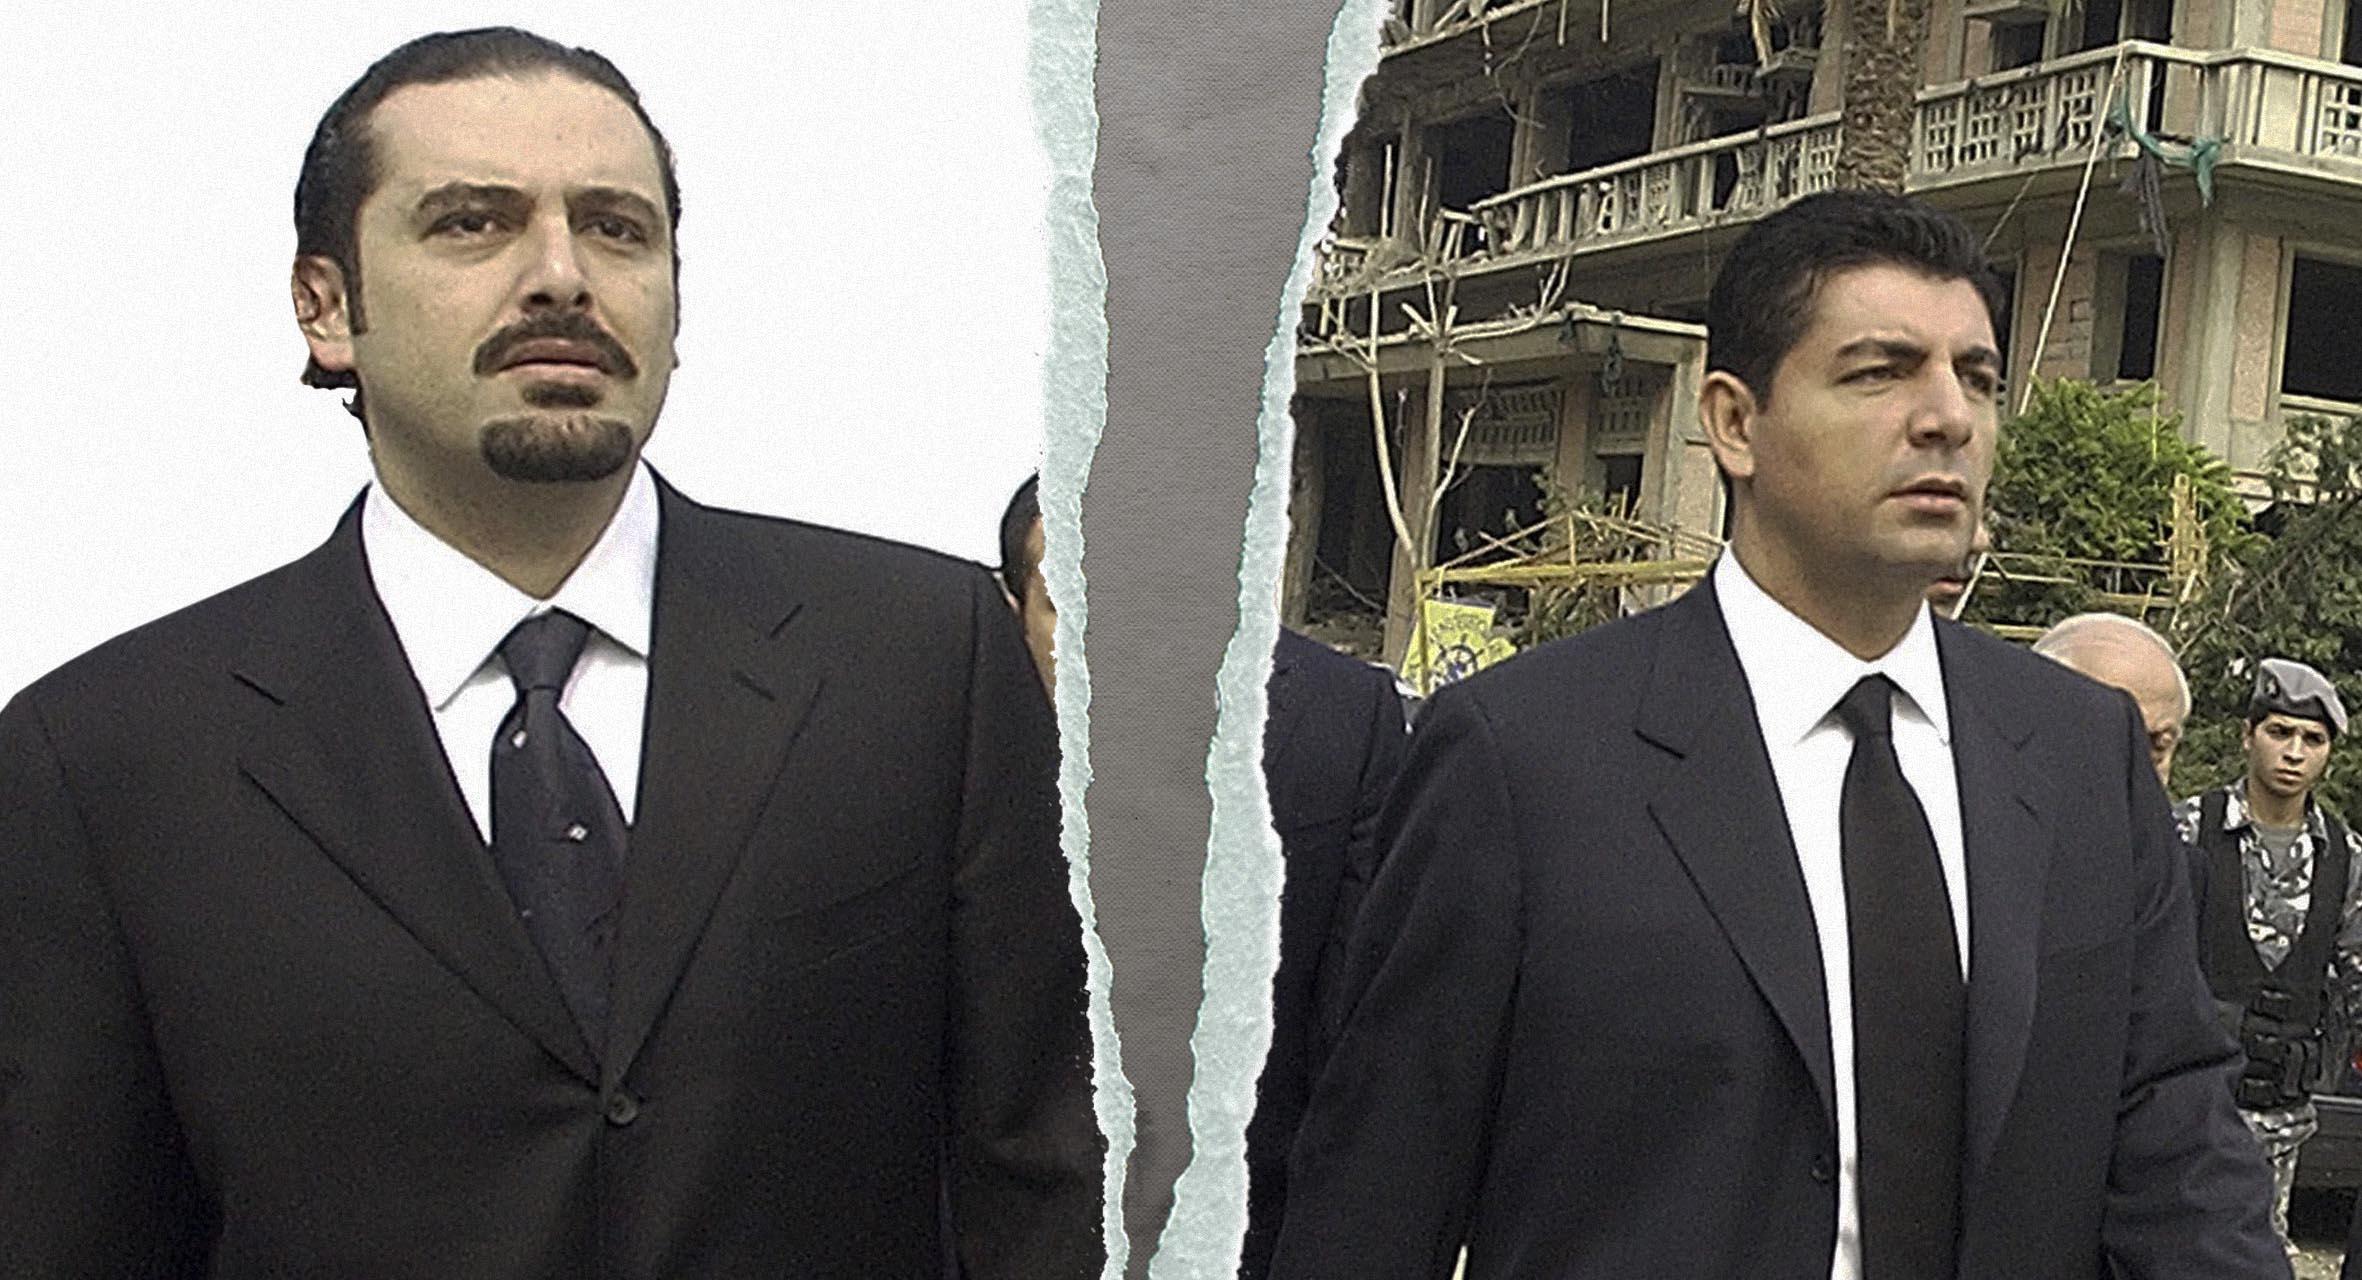 صورة لبنان يشهد ولادة طائفتين جديدتين